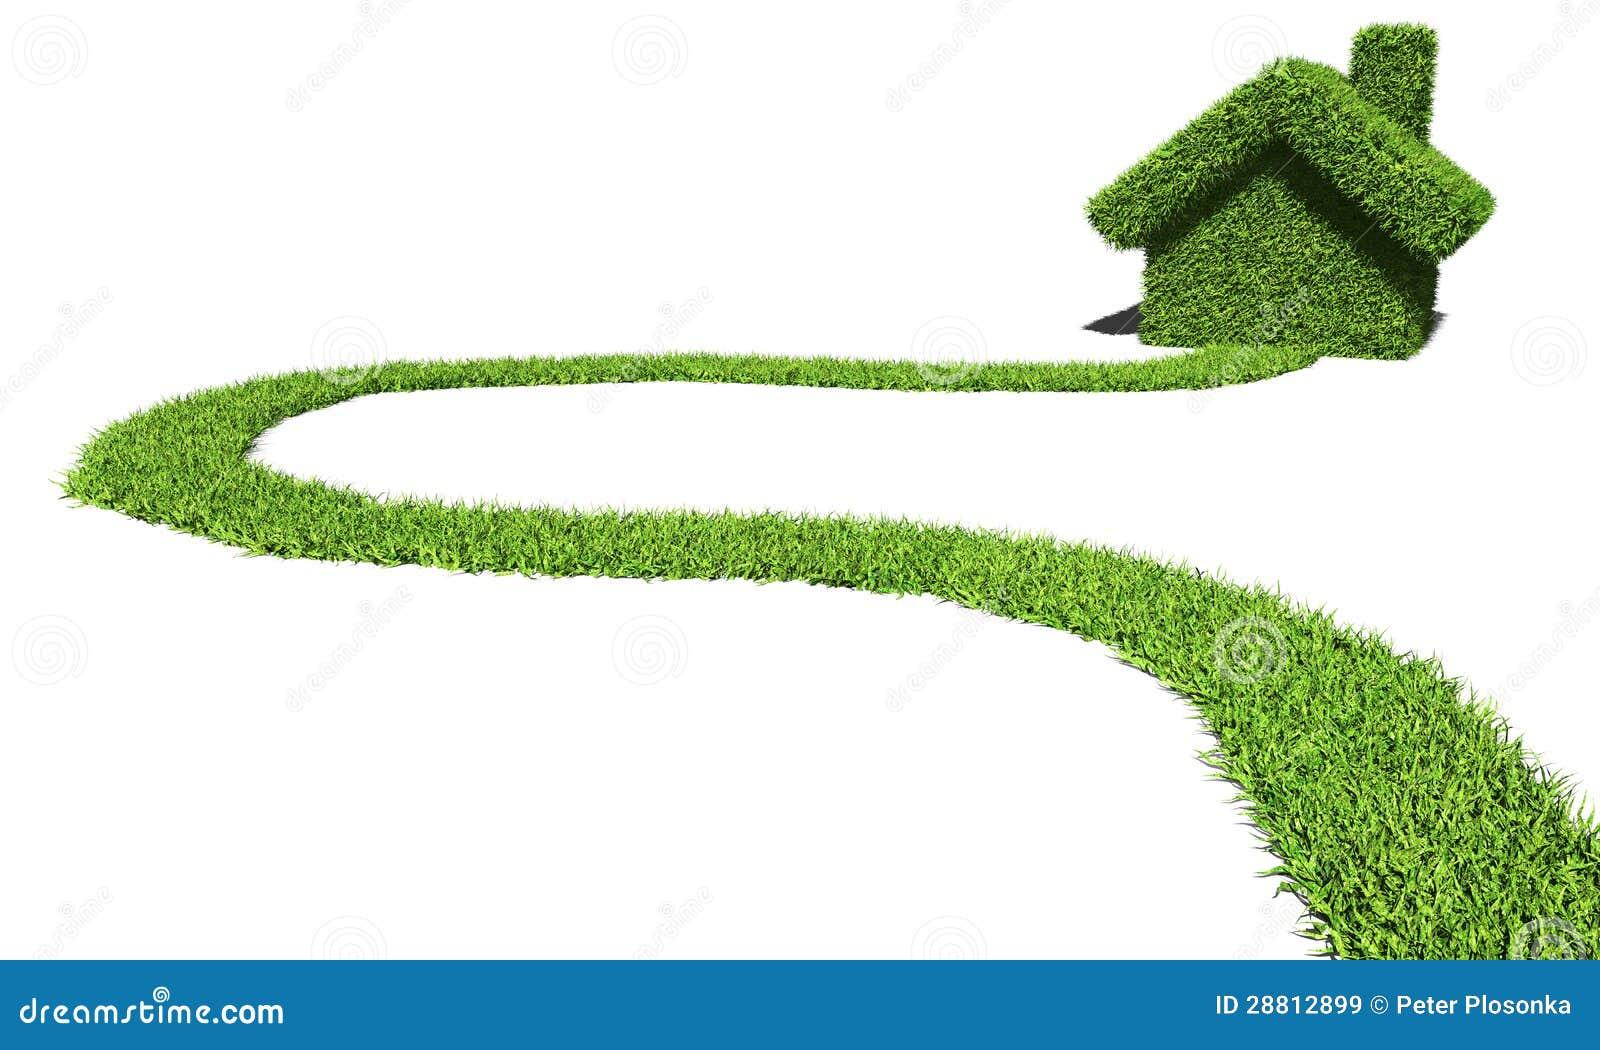 Chambre Verte Et Rouge : Chemin Vers La Maison Verte Images libres de droits – Image: 28812899